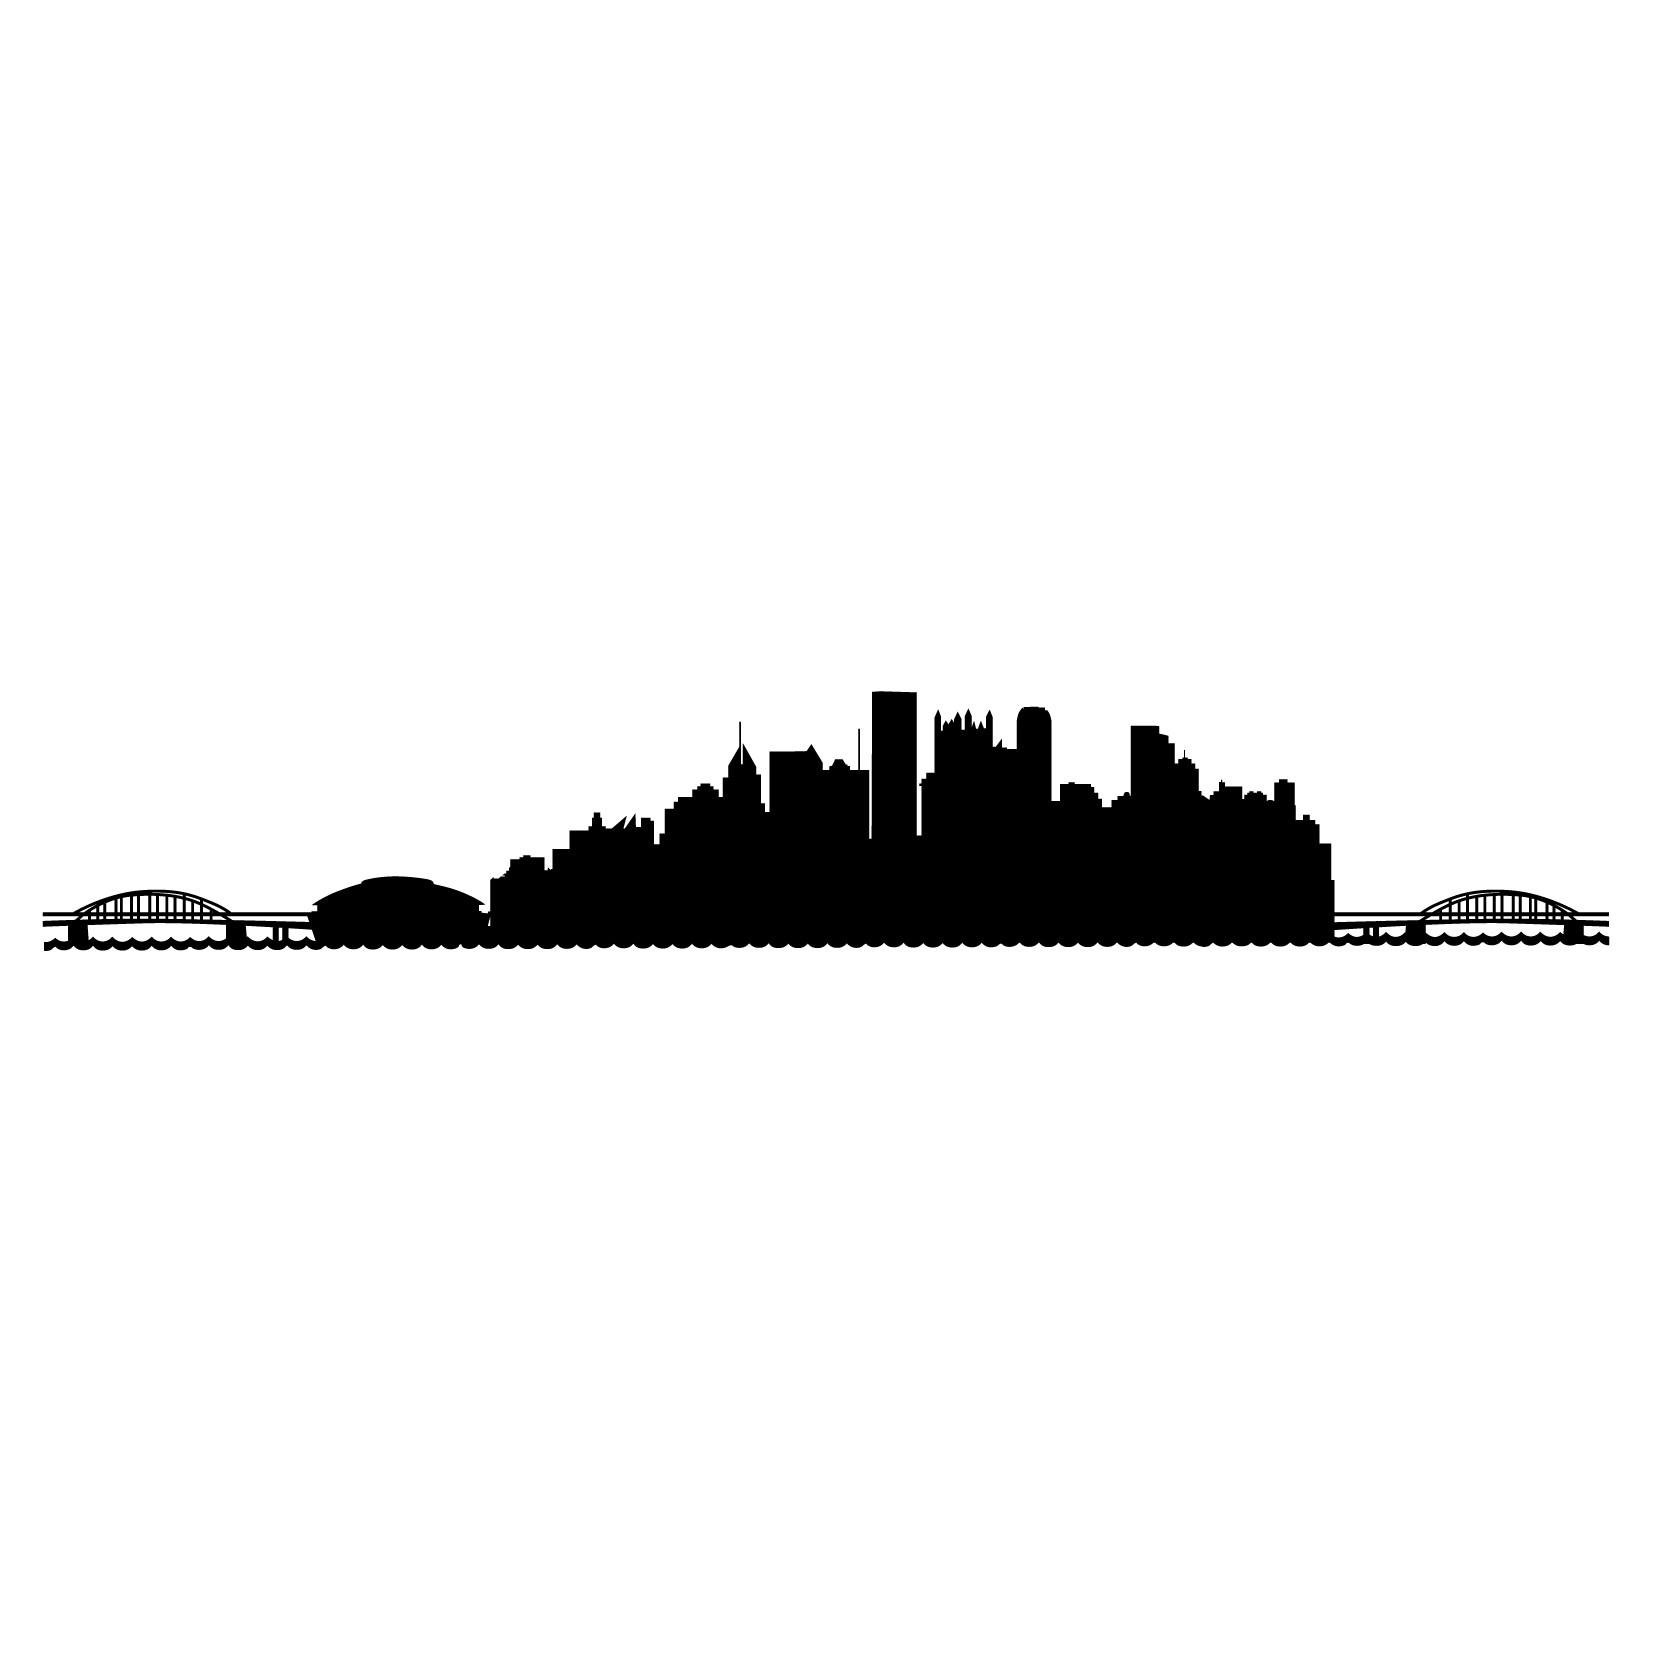 Empire clipart pittsburgh skyline 8i6o8XqKT 8i6o8XqKT (1656×1656) jpg (1656×1656)